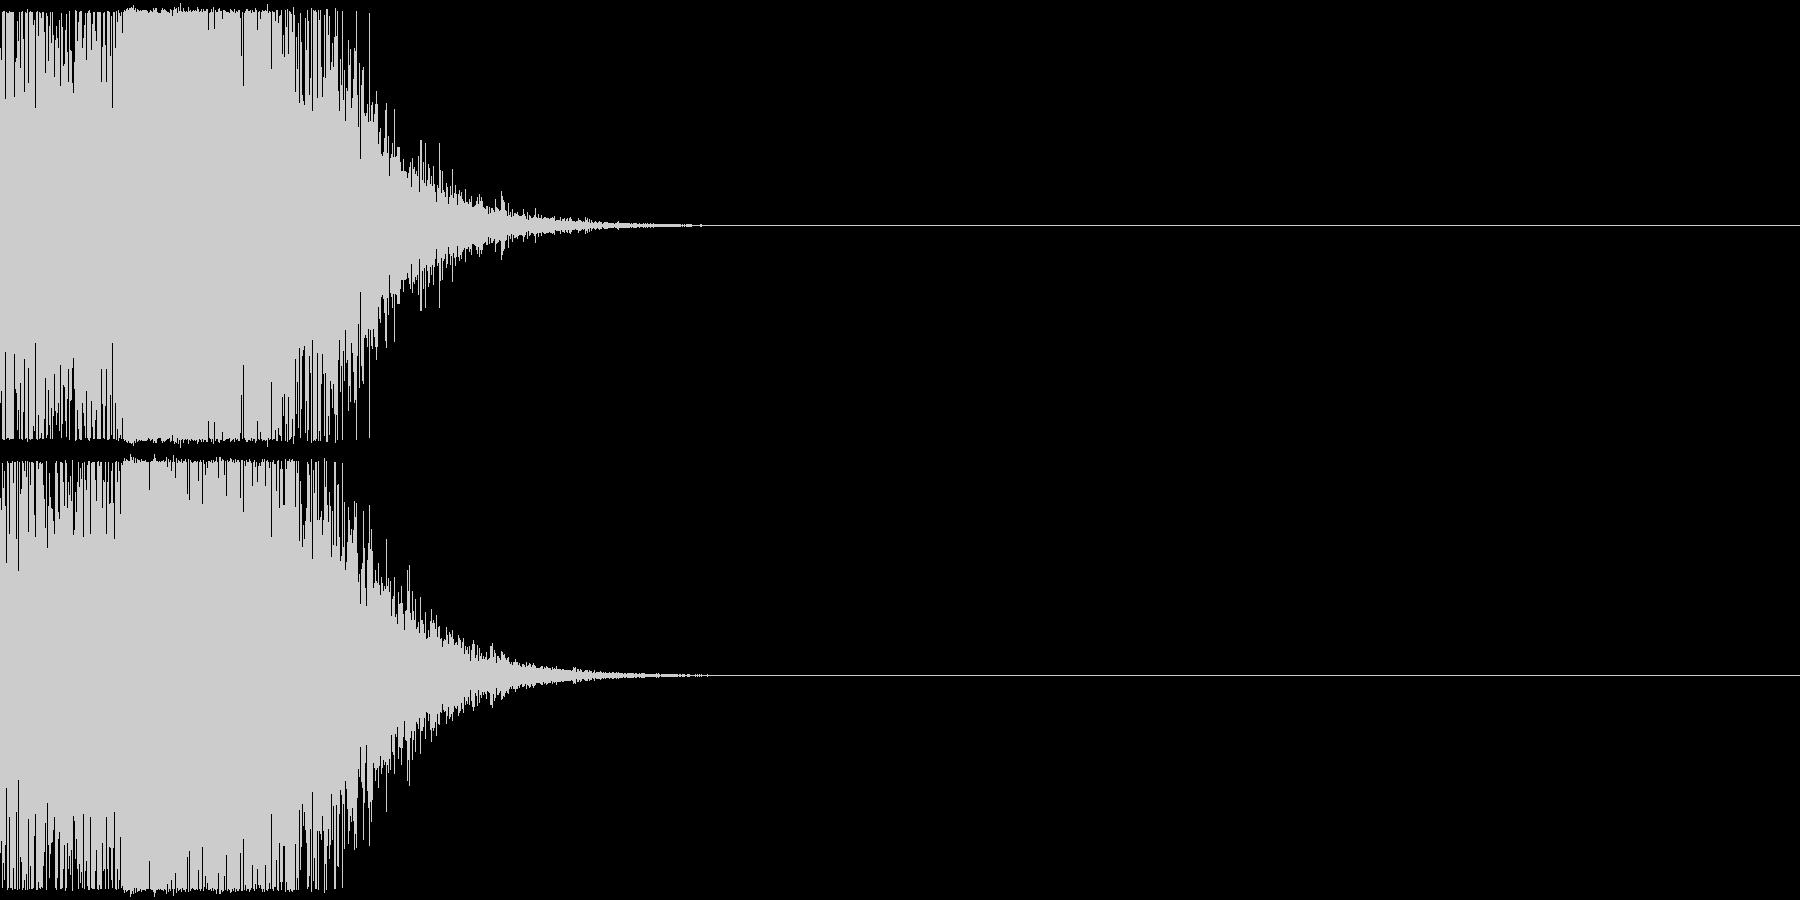 クイズ 面白い ワンポイントの未再生の波形